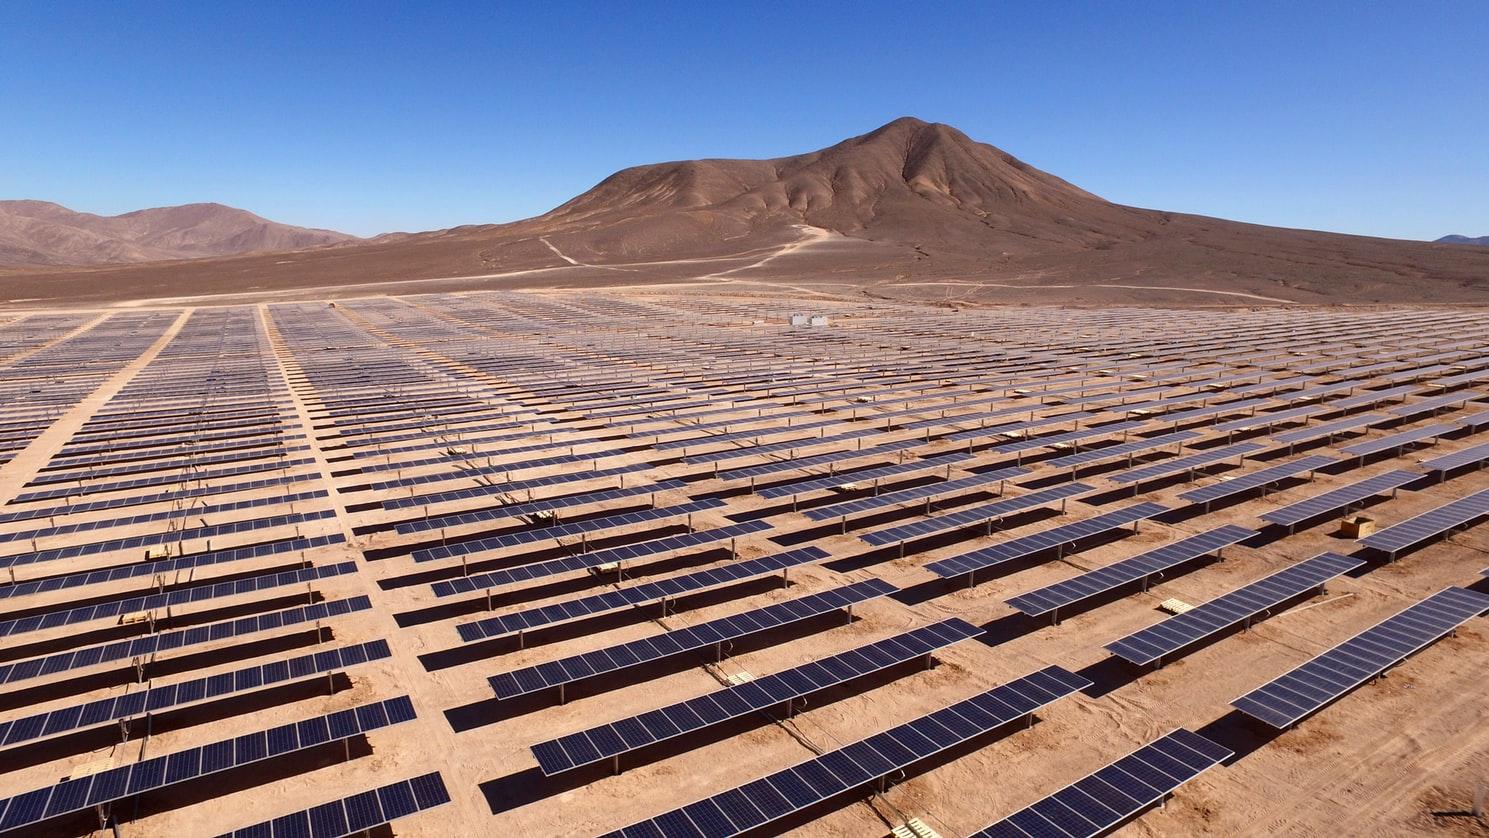 Le photovoltaïque solaire est une technologie clé pour atteindre l'UN-SDG7 : Une énergie propre et abordable pour tous.